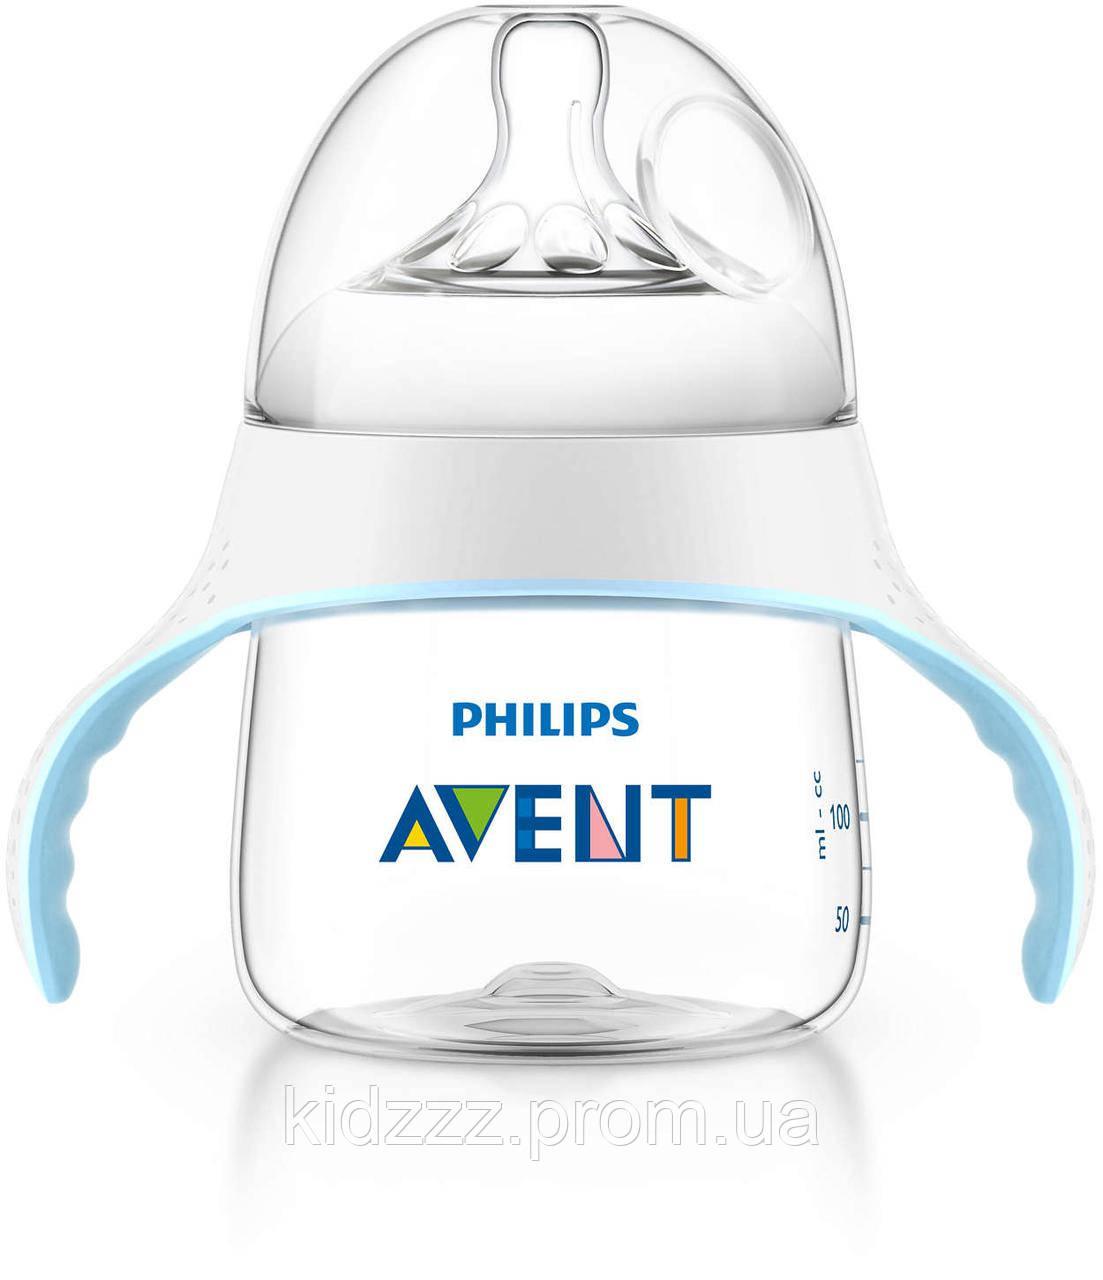 """Тренировочный набор """"От бутылочки к чашке"""" Natural 2.0 Philips AVENT  150 мл 4+мес ( Филипс Авент)"""